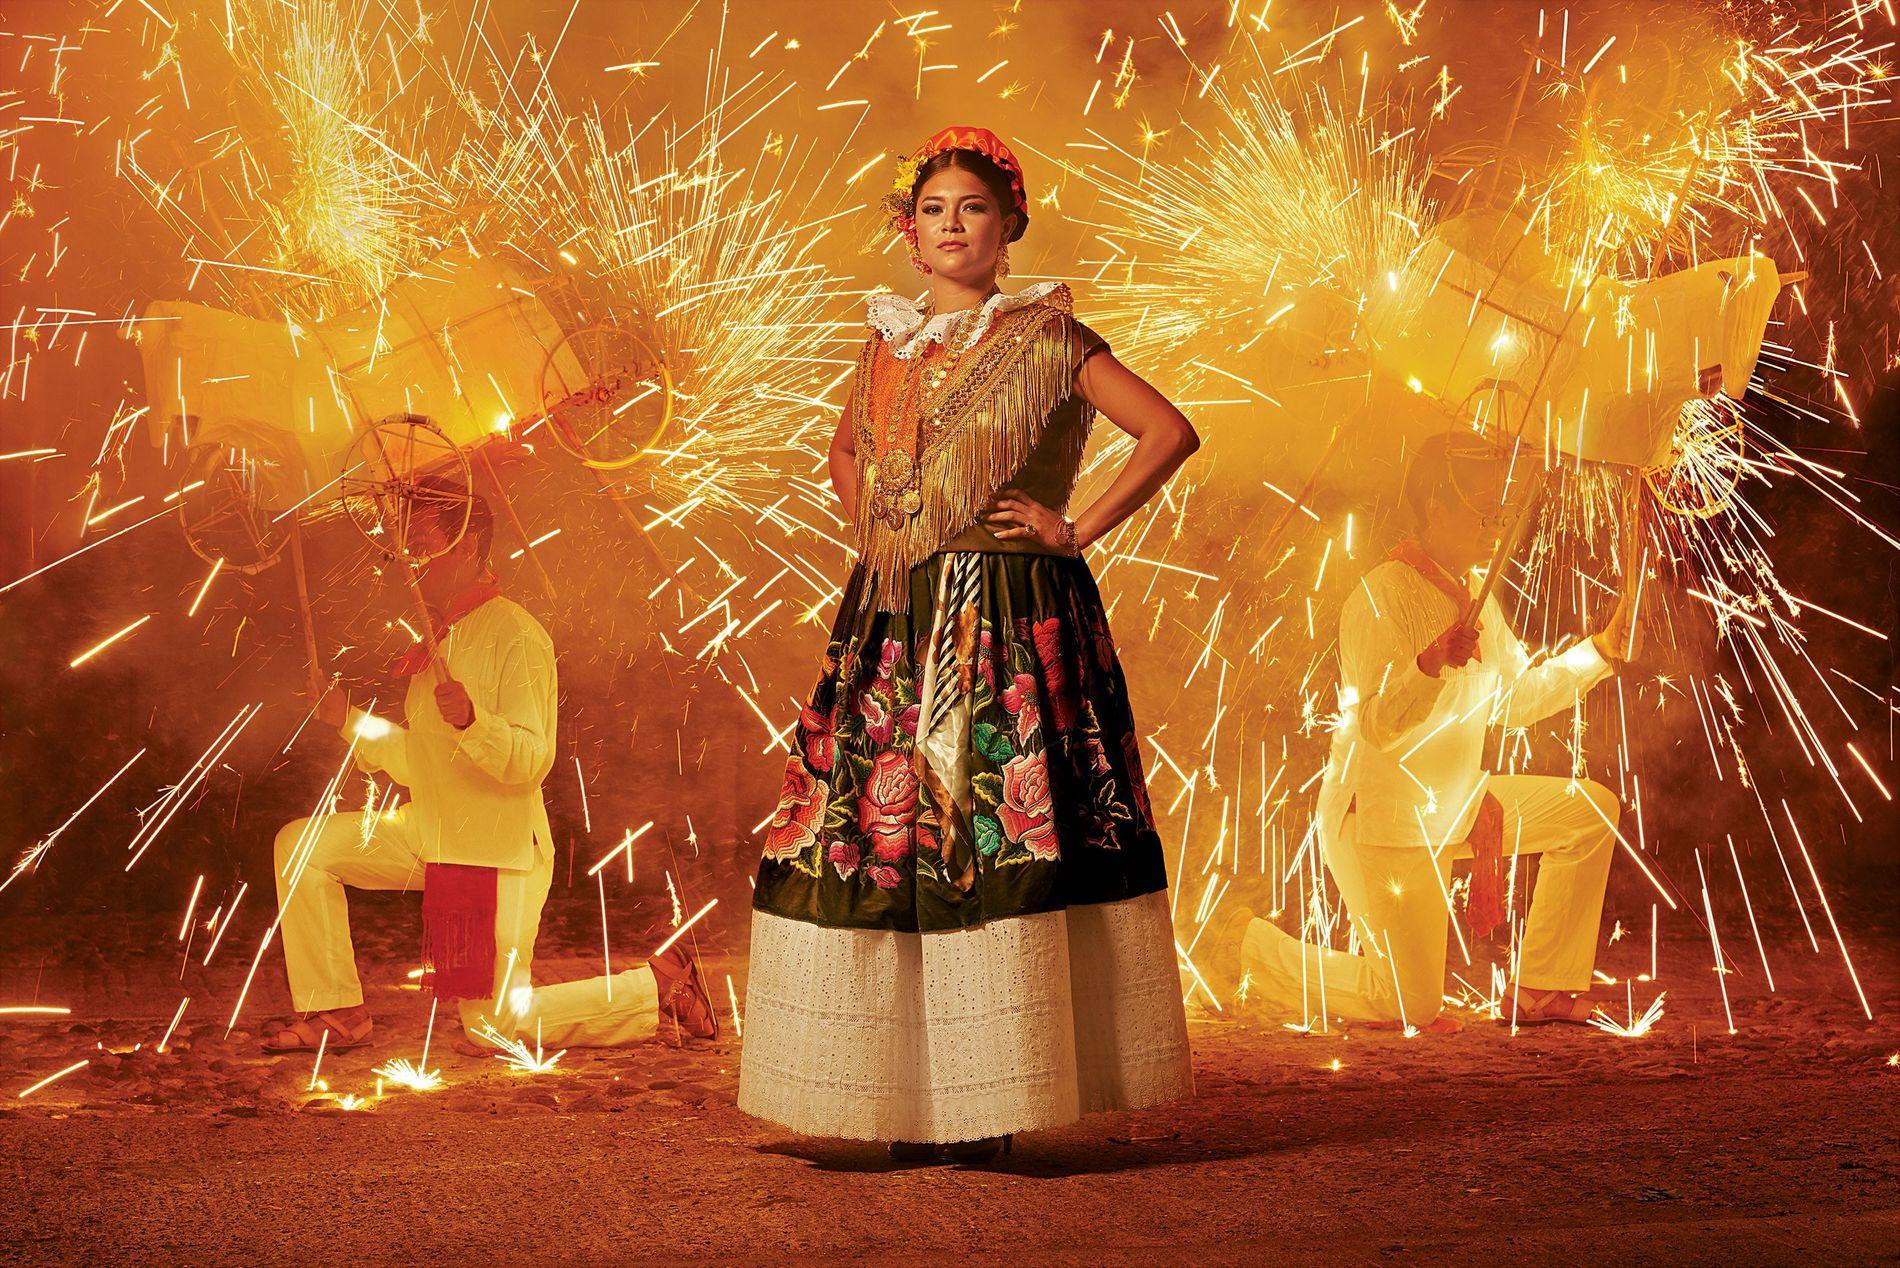 Cette femme porte une robe traditionnelle de Tehuantepec, au Mexique. Les fleurs sont brodées de fil de soie sur du tissu de velours et la robe est ornée de bijoux en or qui ont été transmis de génération en génération. Les deux hommes que l'on aperçoit en arrière-plan sont appelés toritos, « petits taureaux » en français.